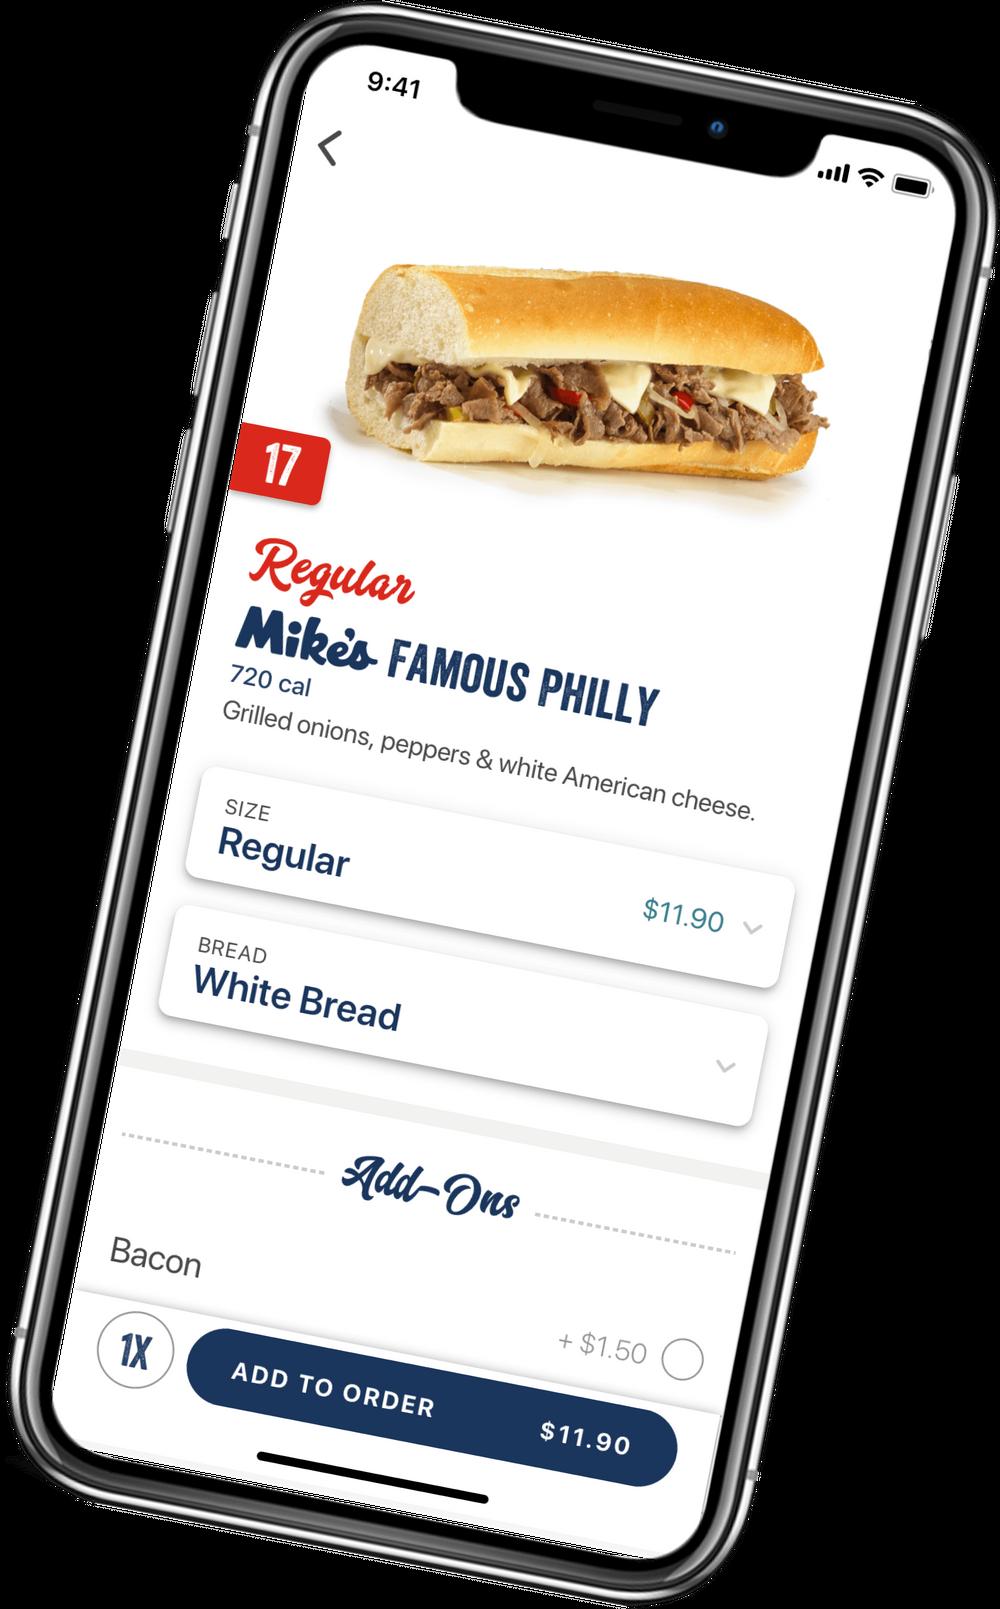 app checkout screen